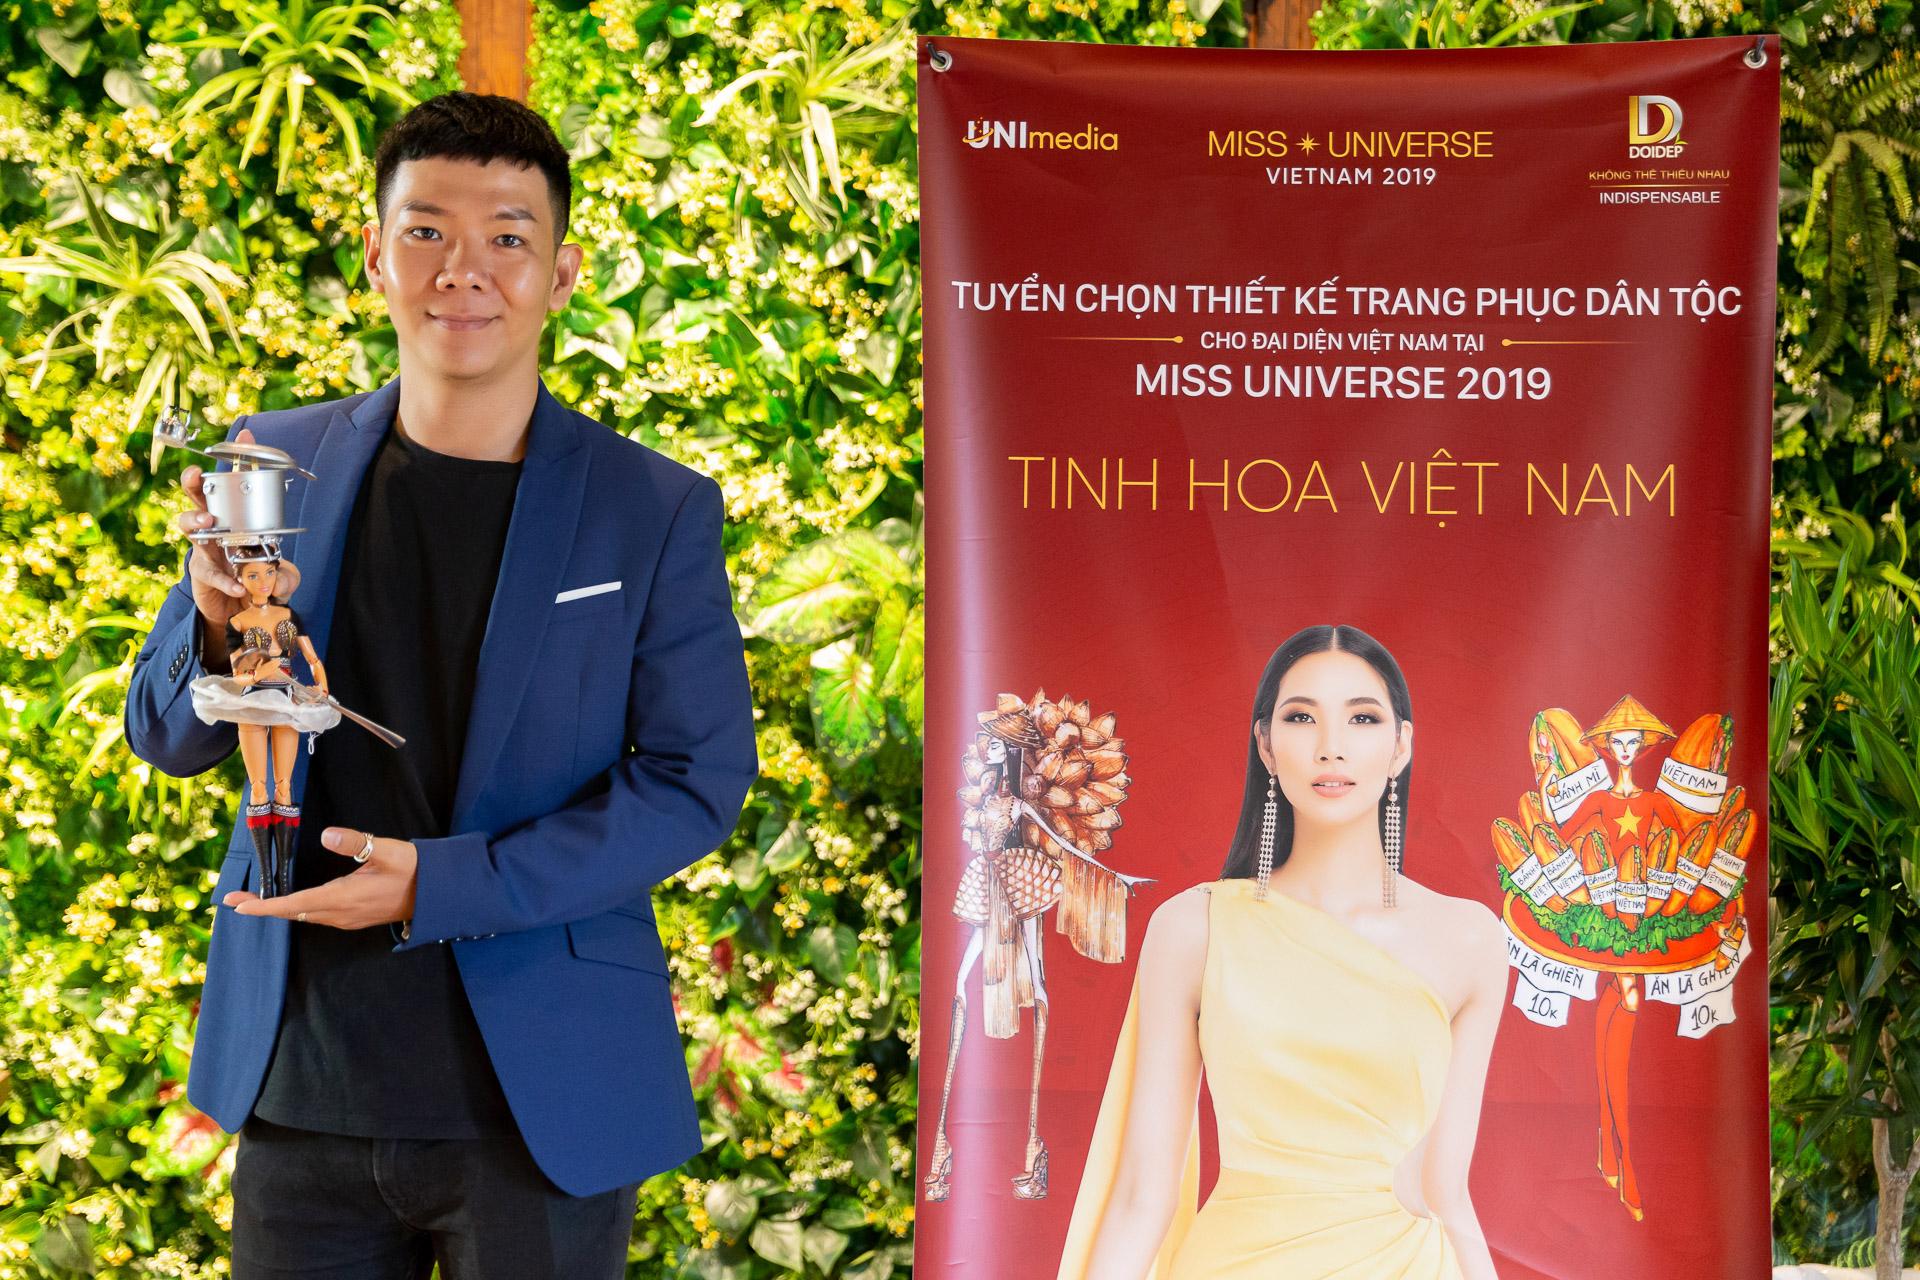 Top 3_Cafe Phin Sua Da_Tran Nguyen Minh Duc (3)